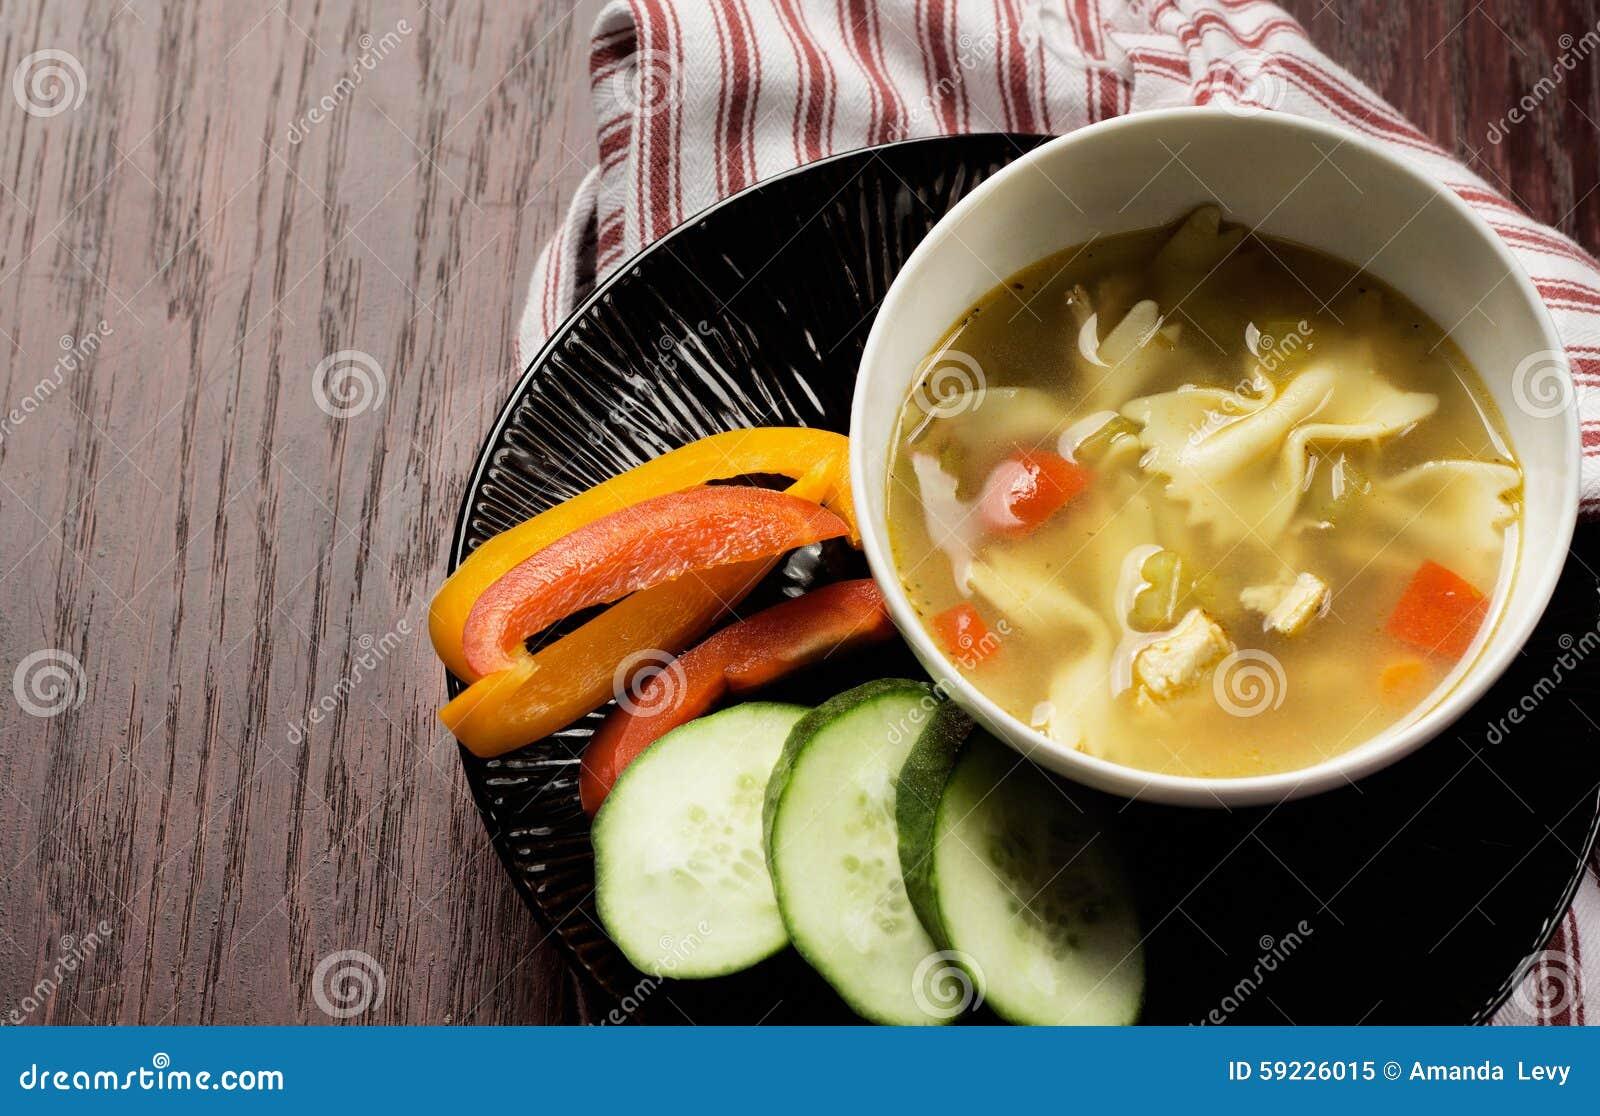 Download Sopa de fideos del pollo imagen de archivo. Imagen de tajado - 59226015